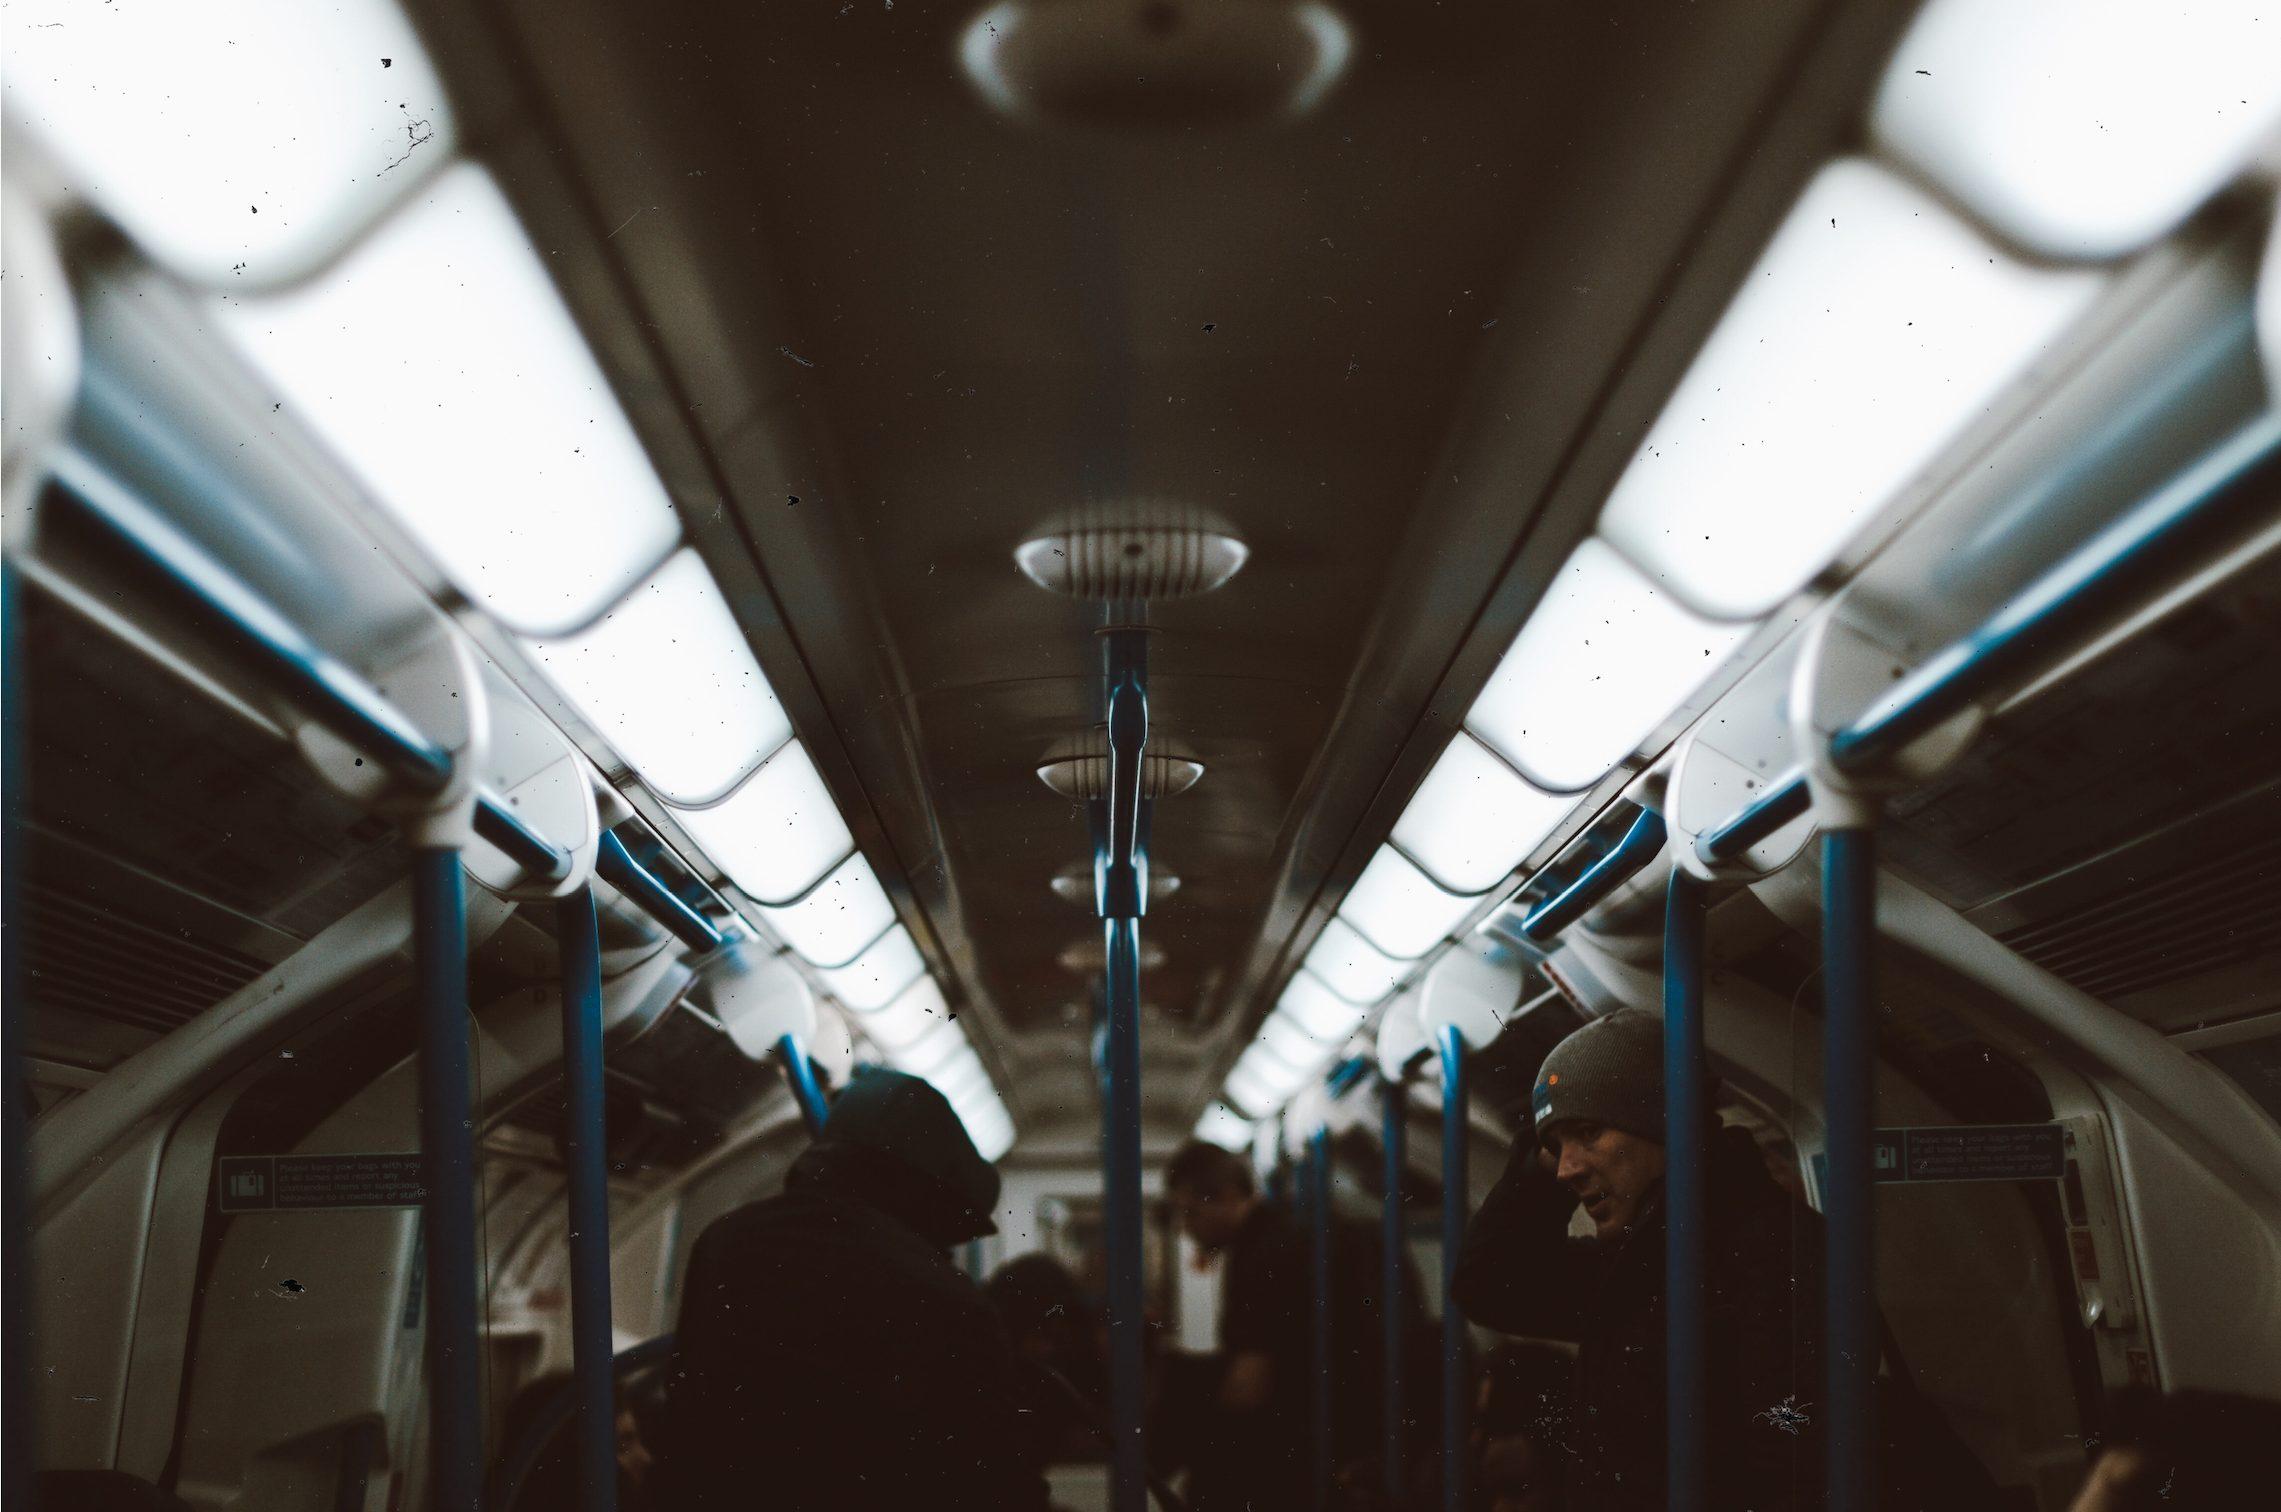 People on the tube during morning rush hour [Irene Chirita]